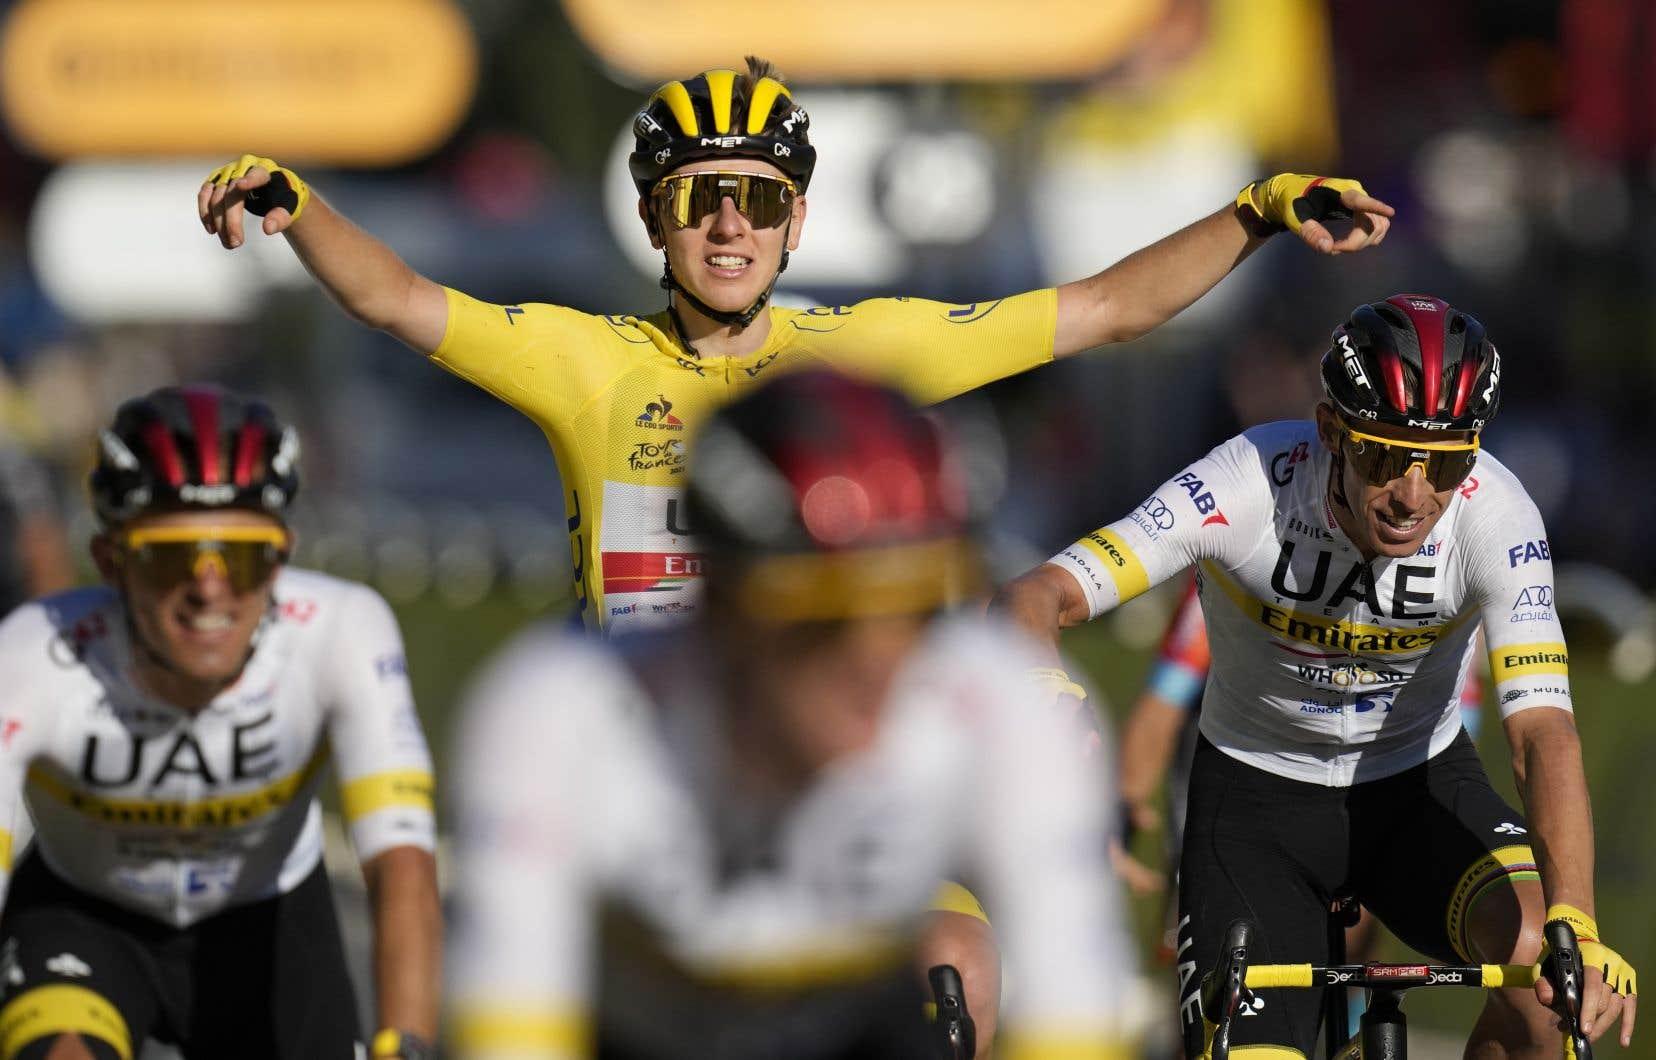 Maillot jaune depuis la huitième étape cette année, Tadej Pogačar a remporté son deuxième Tour de France.